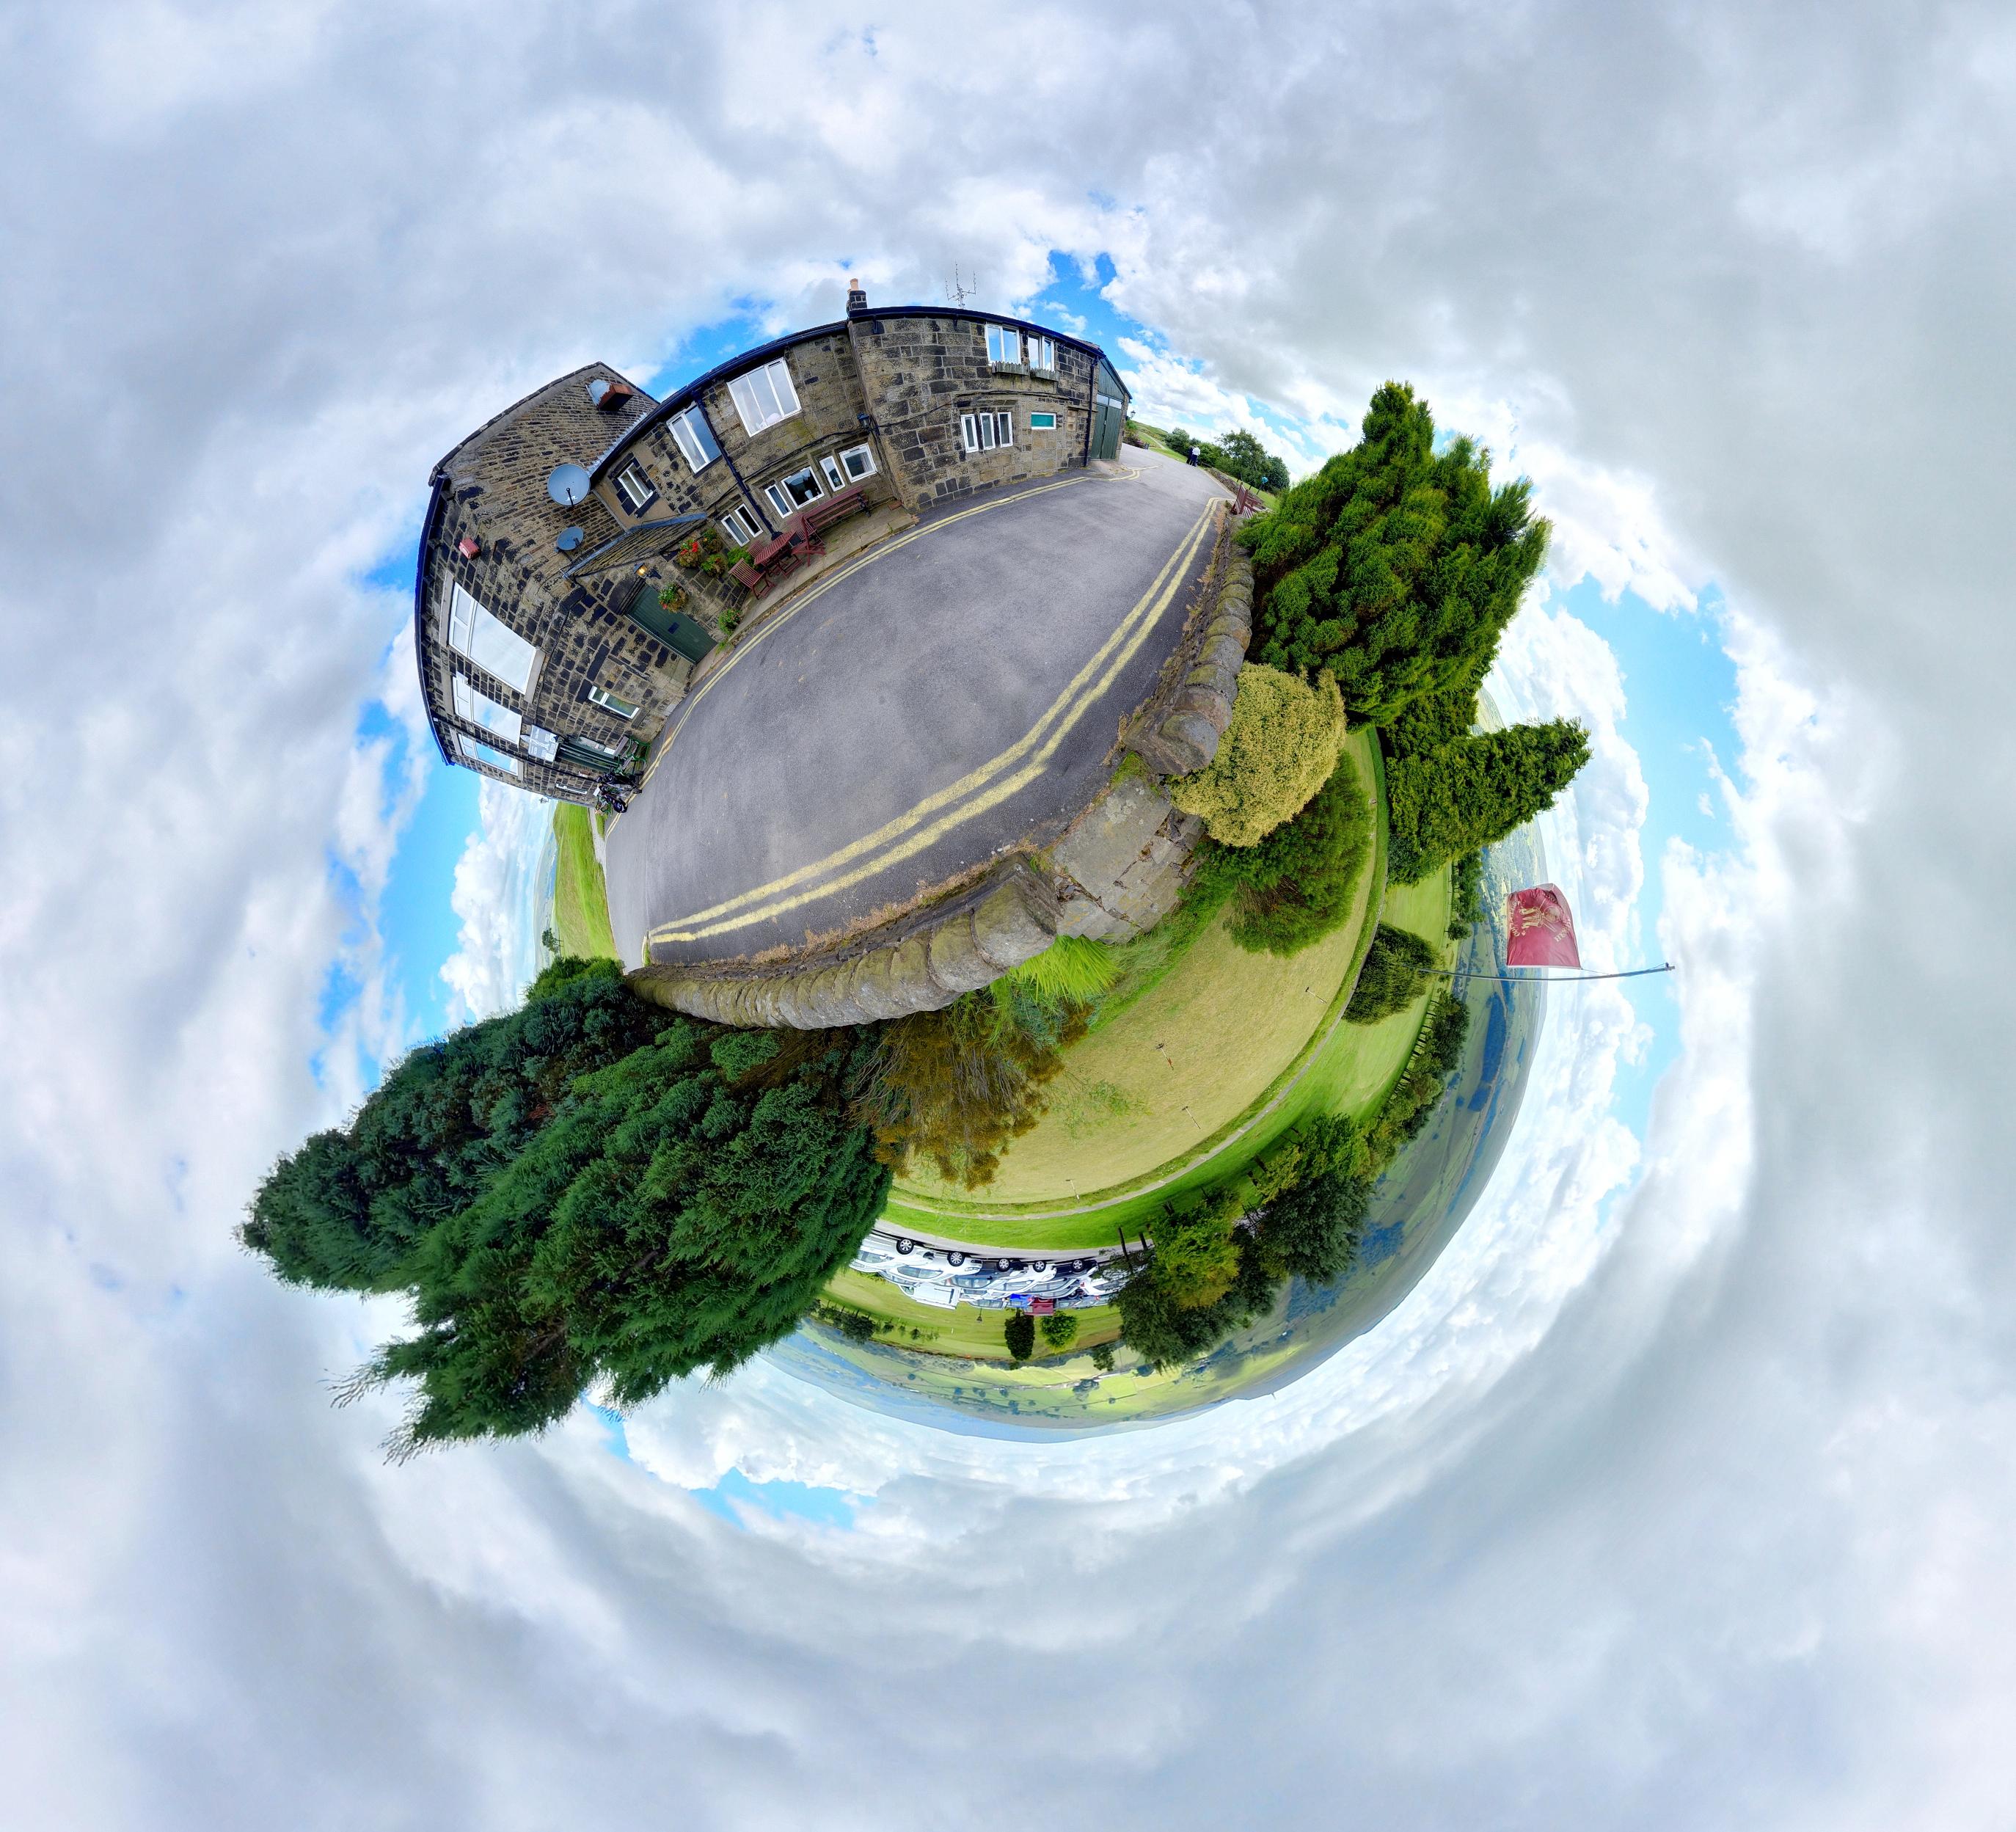 Studio360 Tours Ltd Google Amp Bespoke Hebden Bridge